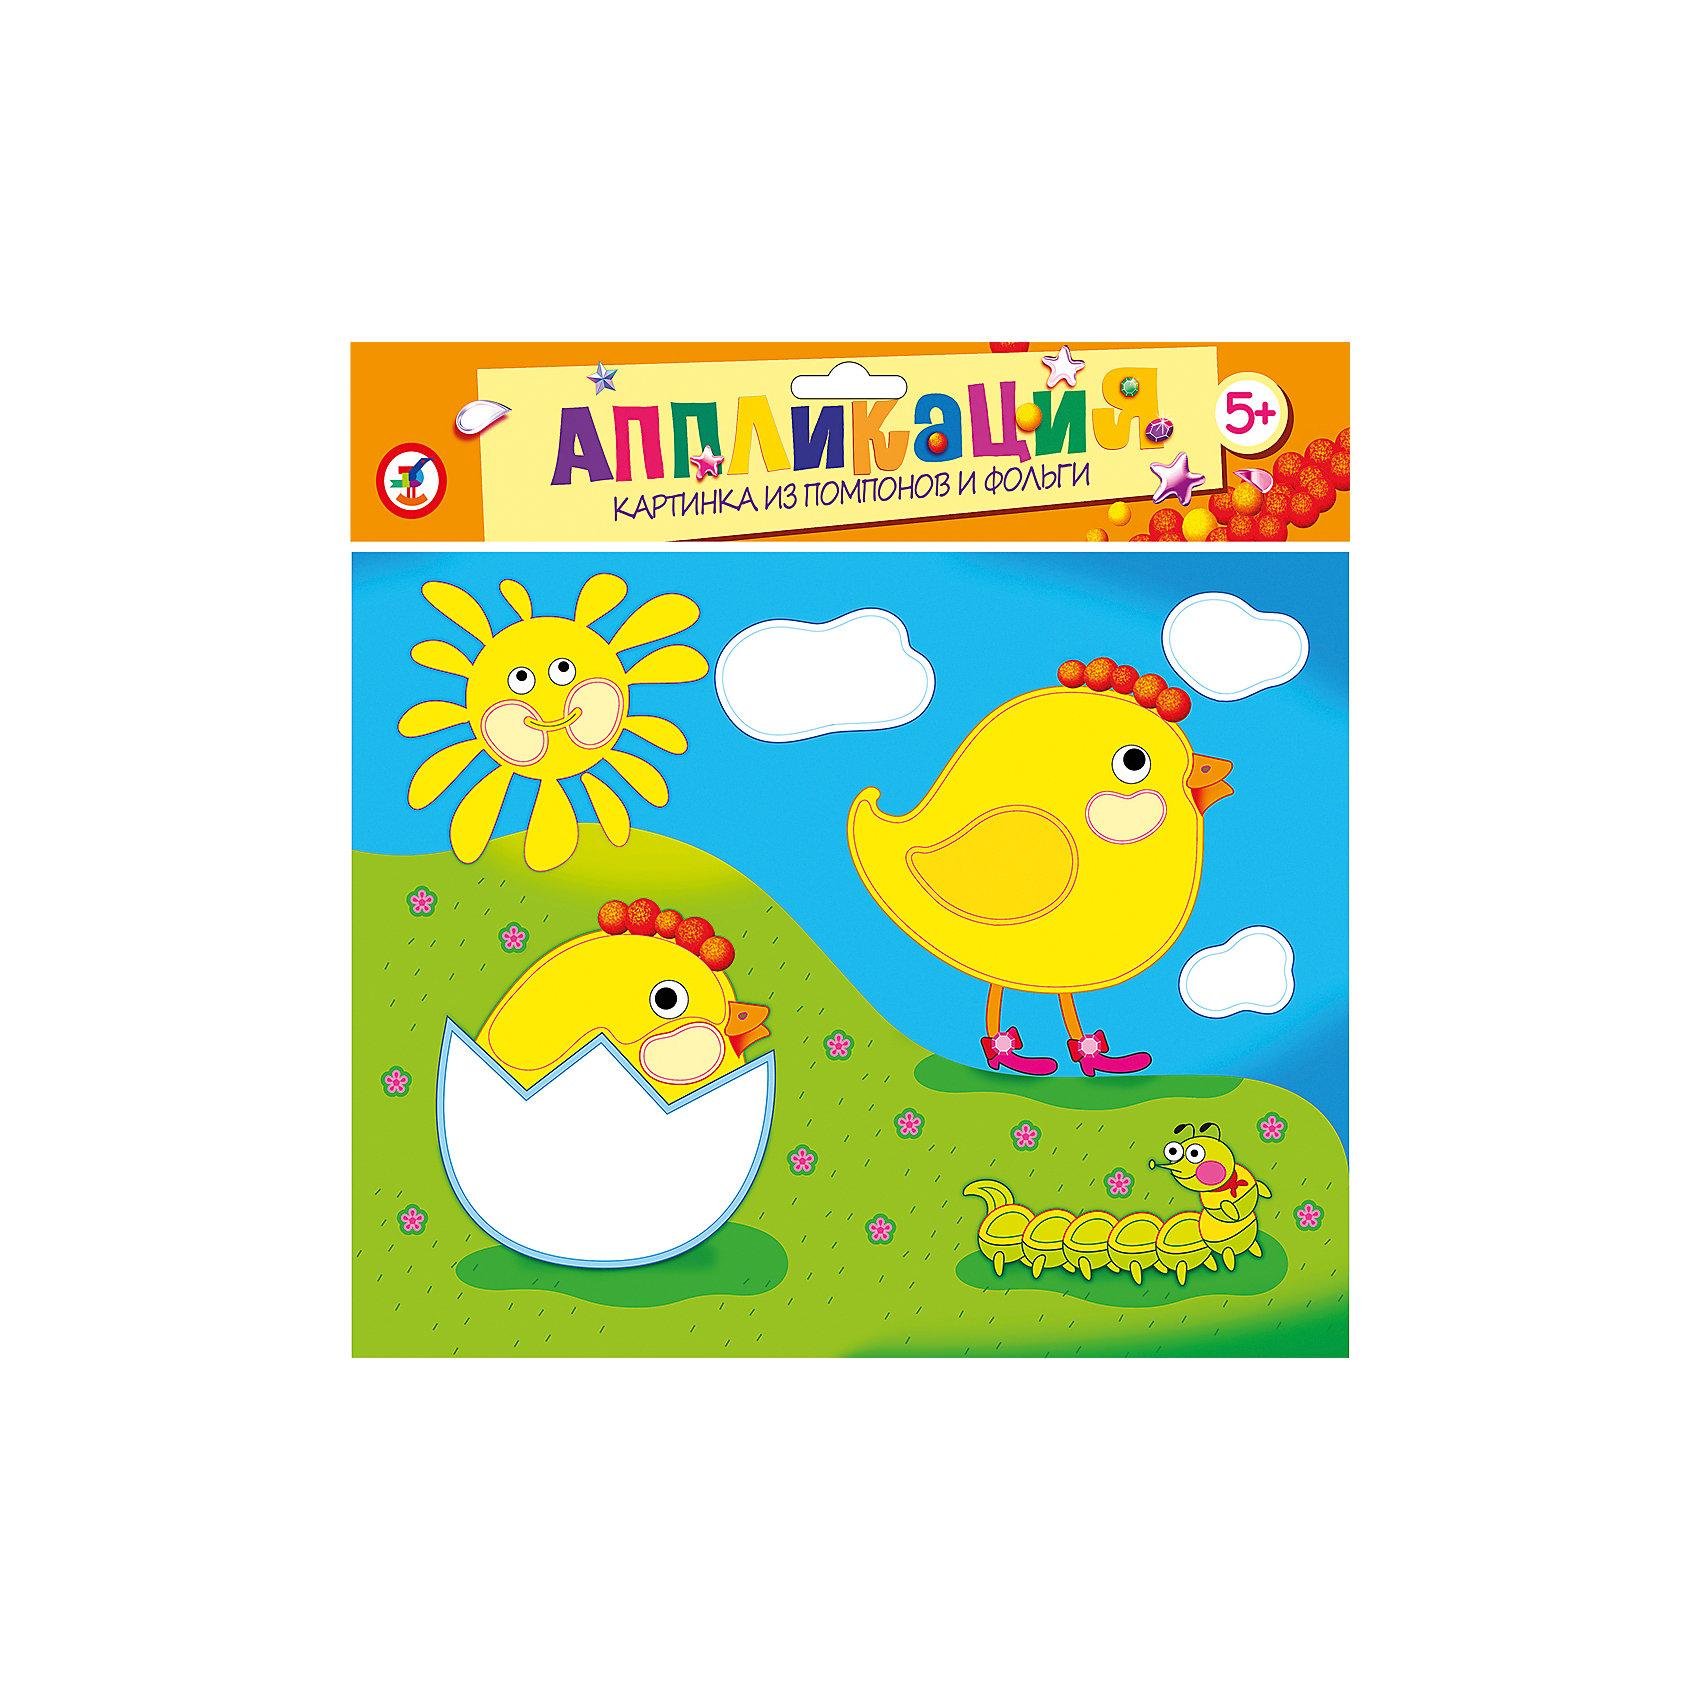 Аппликация из помпонов и фольги ЦыплятаАппликация из помпонов и фольги Цыплята наверняка понравится Вашему малышу, а процесс ее изготовления принесет массу удовольствия и положительных эмоций. В комплекте Вы найдете цветную основу с контуром рисунка и клеевым слоем, листы цветной фольги, фетровые шарики, глазки и стразы. Аккуратно снимите защитный слой с нужного фрагмента на картинке-основе и приложите к нему листочек фольги цветной стороной вверх - часть фольги останется на рисунке. Затем приклейте разноцветные помпоны на детали рисунка согласно образцу и украсьте изображение блестящими стразами. Красочная картинка с очаровательными цыплятами украсит комнату ребенка или станет подарком, сделанным собственными руками для друзей и родных. Набор способствует развитию мелкой моторики рук, внимания, творческих и художественных способностей ребенка.<br><br>Дополнительная информация:<br><br>- В комплекте: цветная основа с контурным рисунком и клеевым слоем, 3 листа цветной фольги, фетровые шарики двух цветов, деревянная палочка, глазки и стразы на самоклеящейся основе.<br>- Материал: картон, бумага, фольга, пластик, фетр.<br>- Размер упаковки: 20 х 25,5 х 0,5 см.<br>- Вес: 44 гр.<br><br>Аппликацию из помпонов и фольги Цыплята, Дрофа Медиа, можно купить в нашем интернет-магазине.<br><br>Ширина мм: 260<br>Глубина мм: 205<br>Высота мм: 5<br>Вес г: 85<br>Возраст от месяцев: 60<br>Возраст до месяцев: 2147483647<br>Пол: Унисекс<br>Возраст: Детский<br>SKU: 4561813